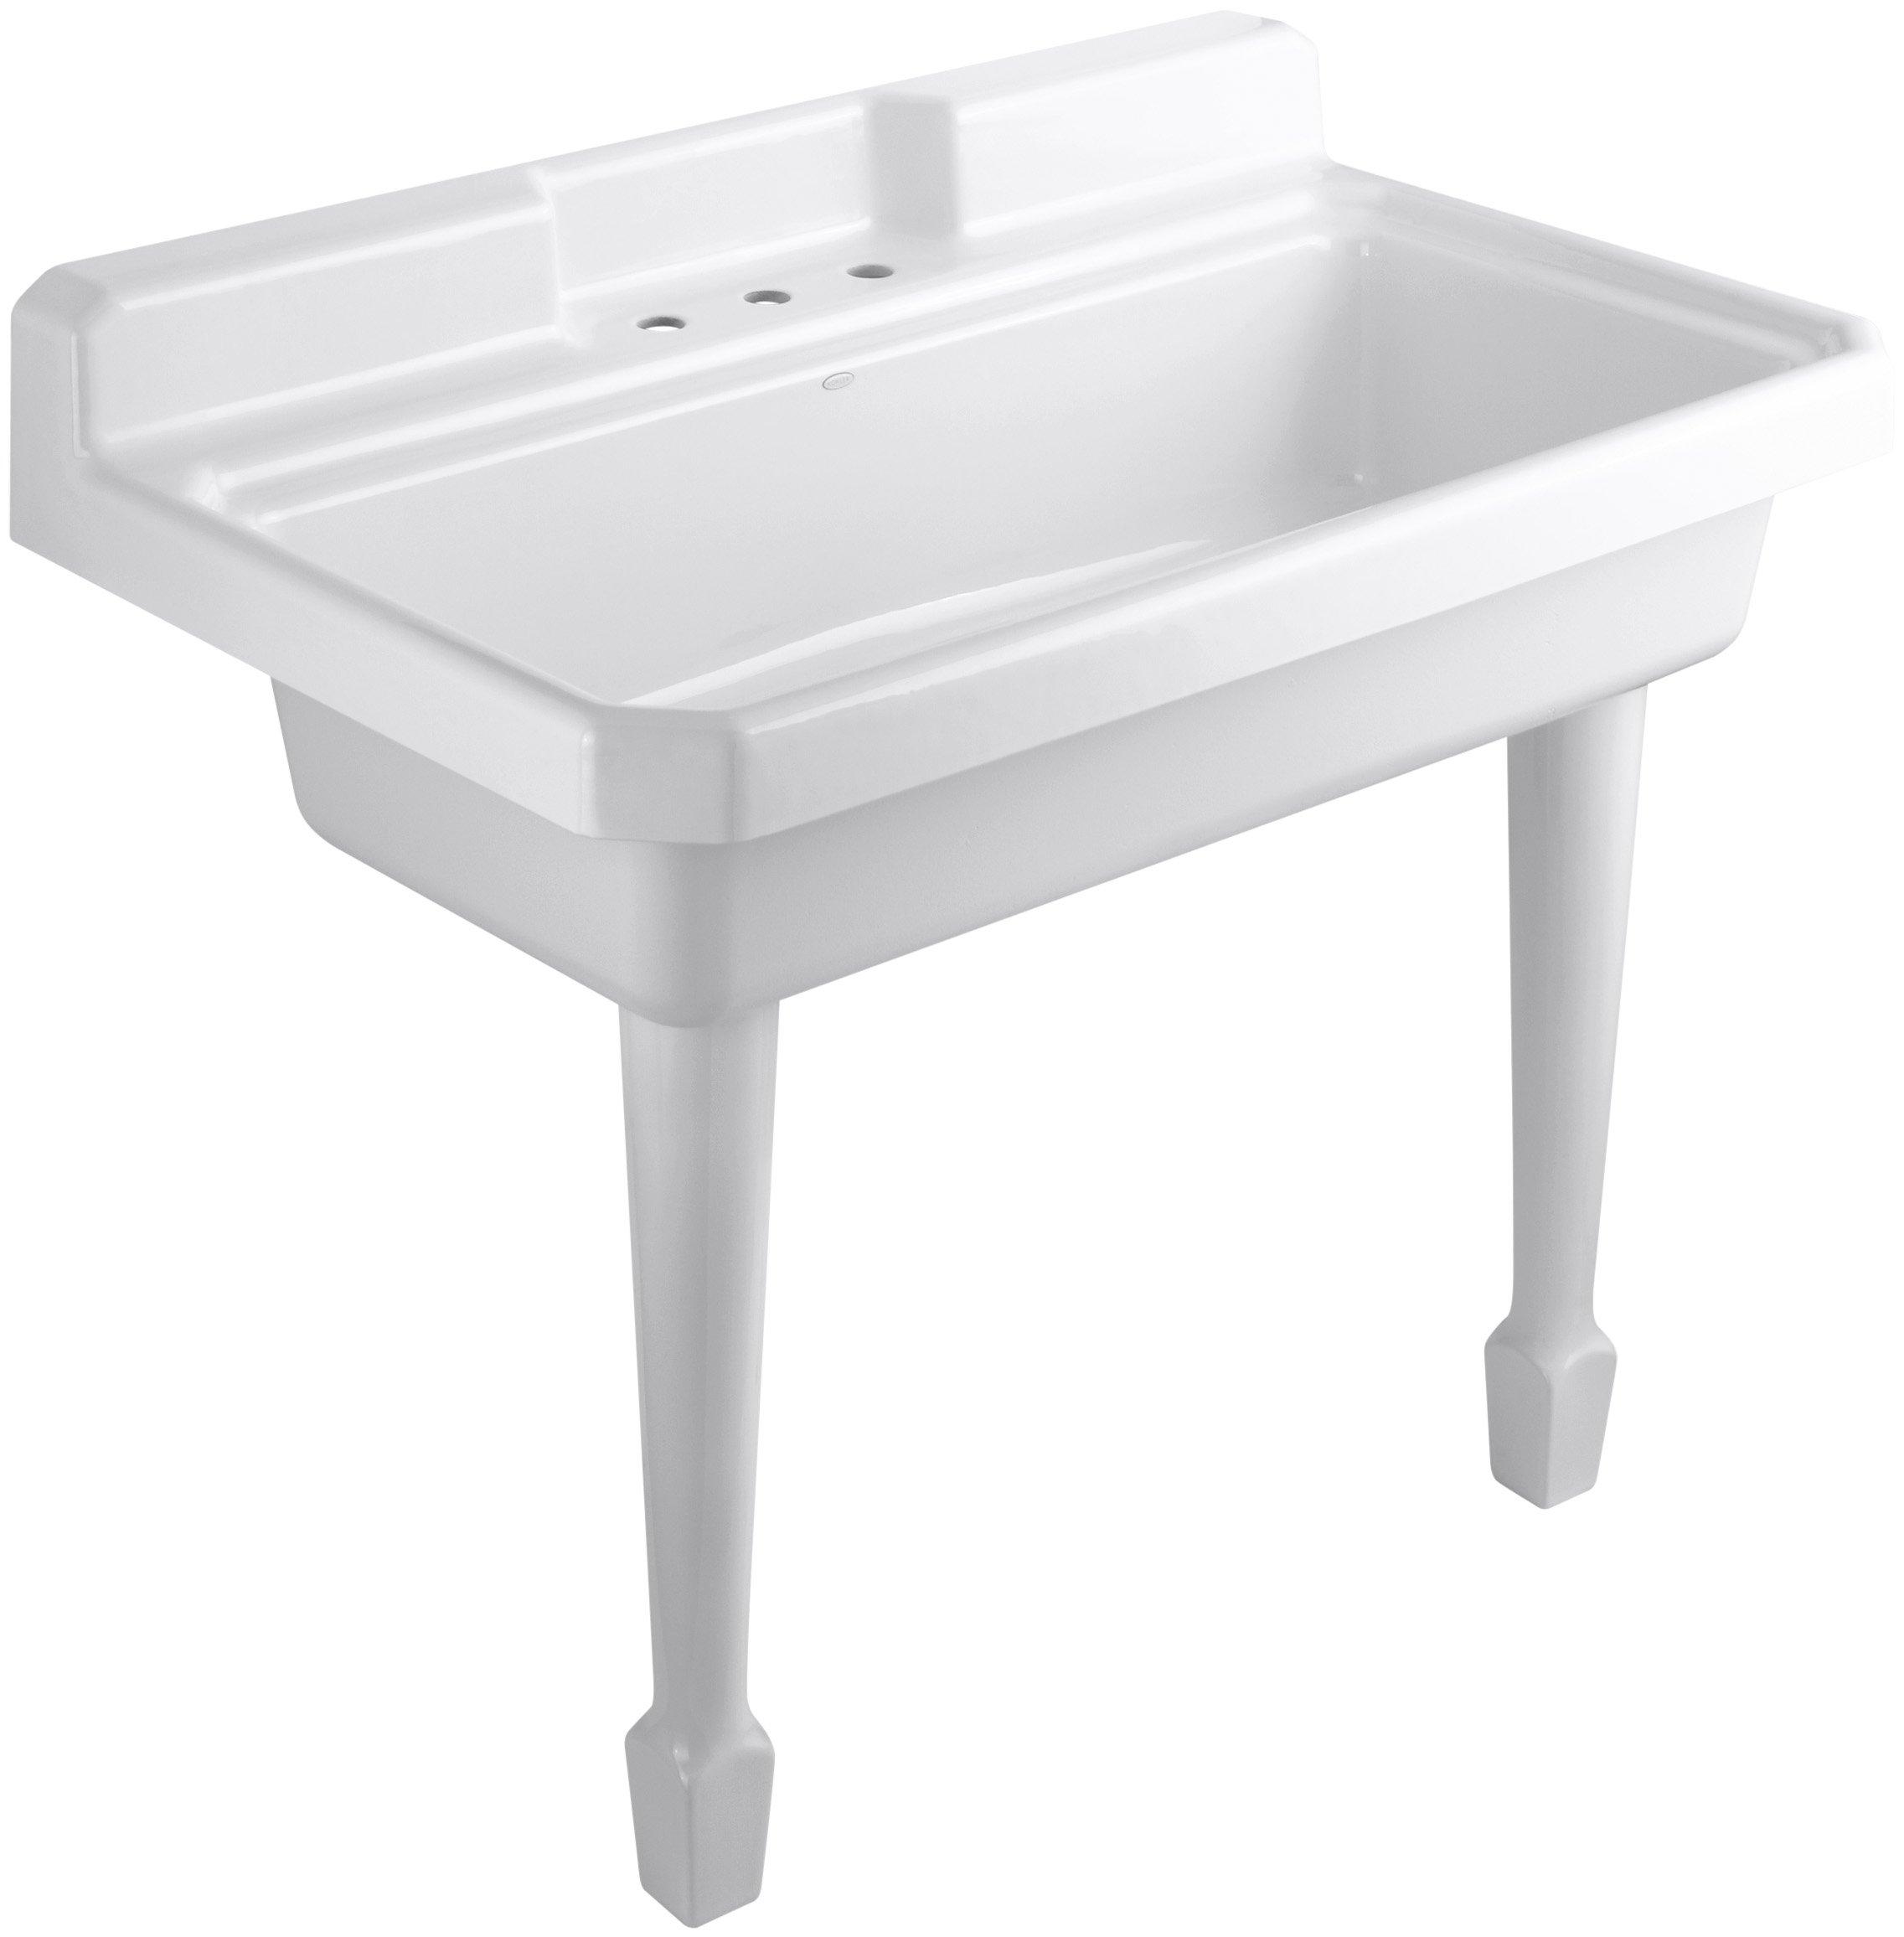 KOHLER K-6607-3-0 Harborview Self-Rimming or Wall-Mount Utility Sink, White